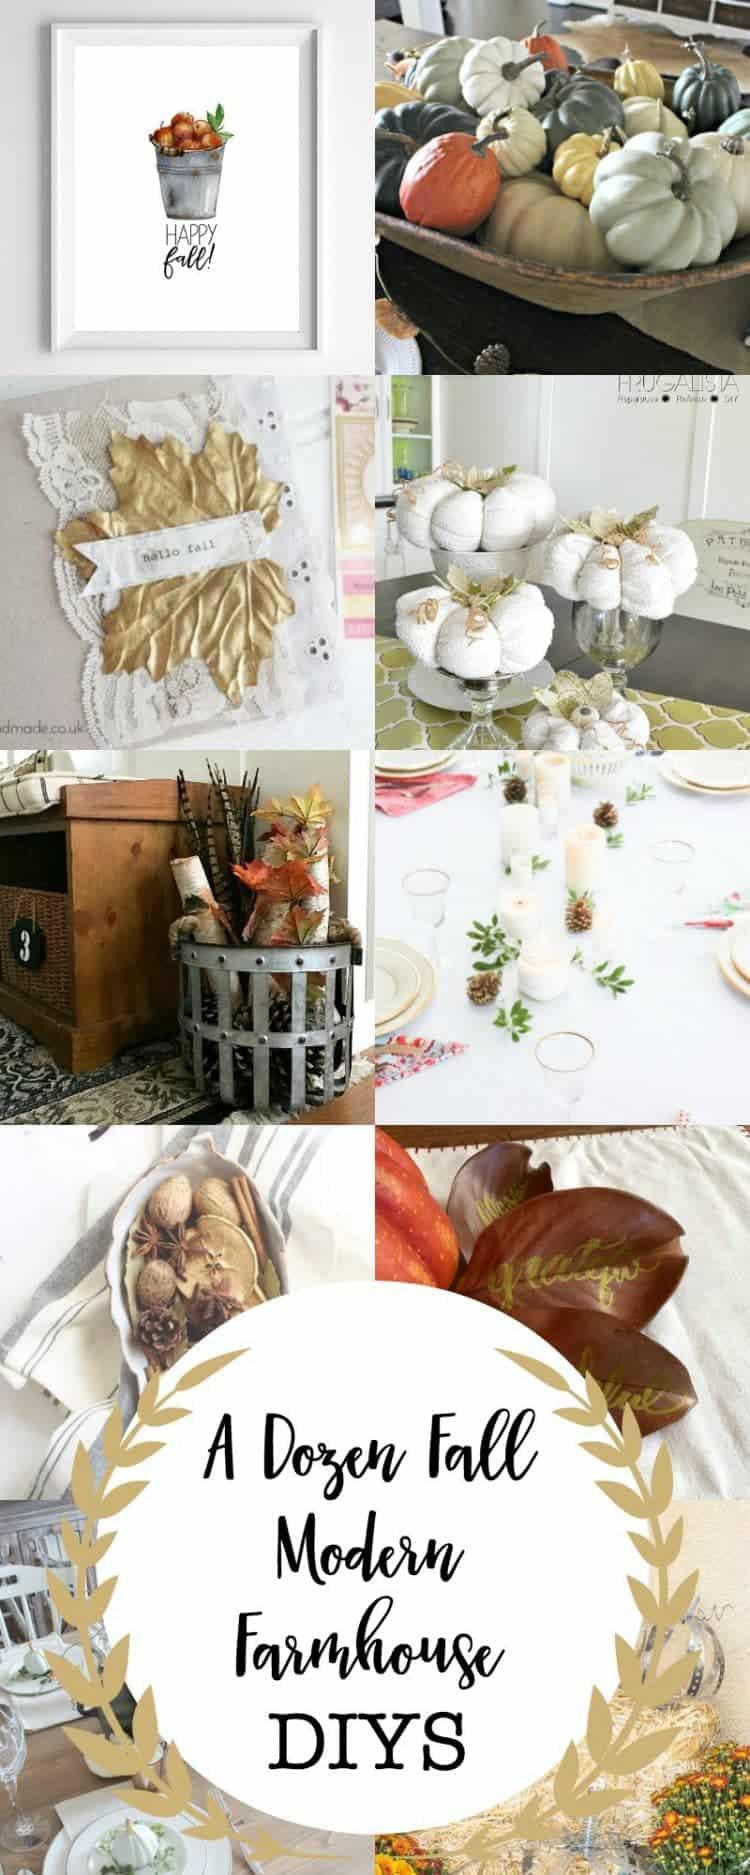 Fall Modern Farmhouse DIYS